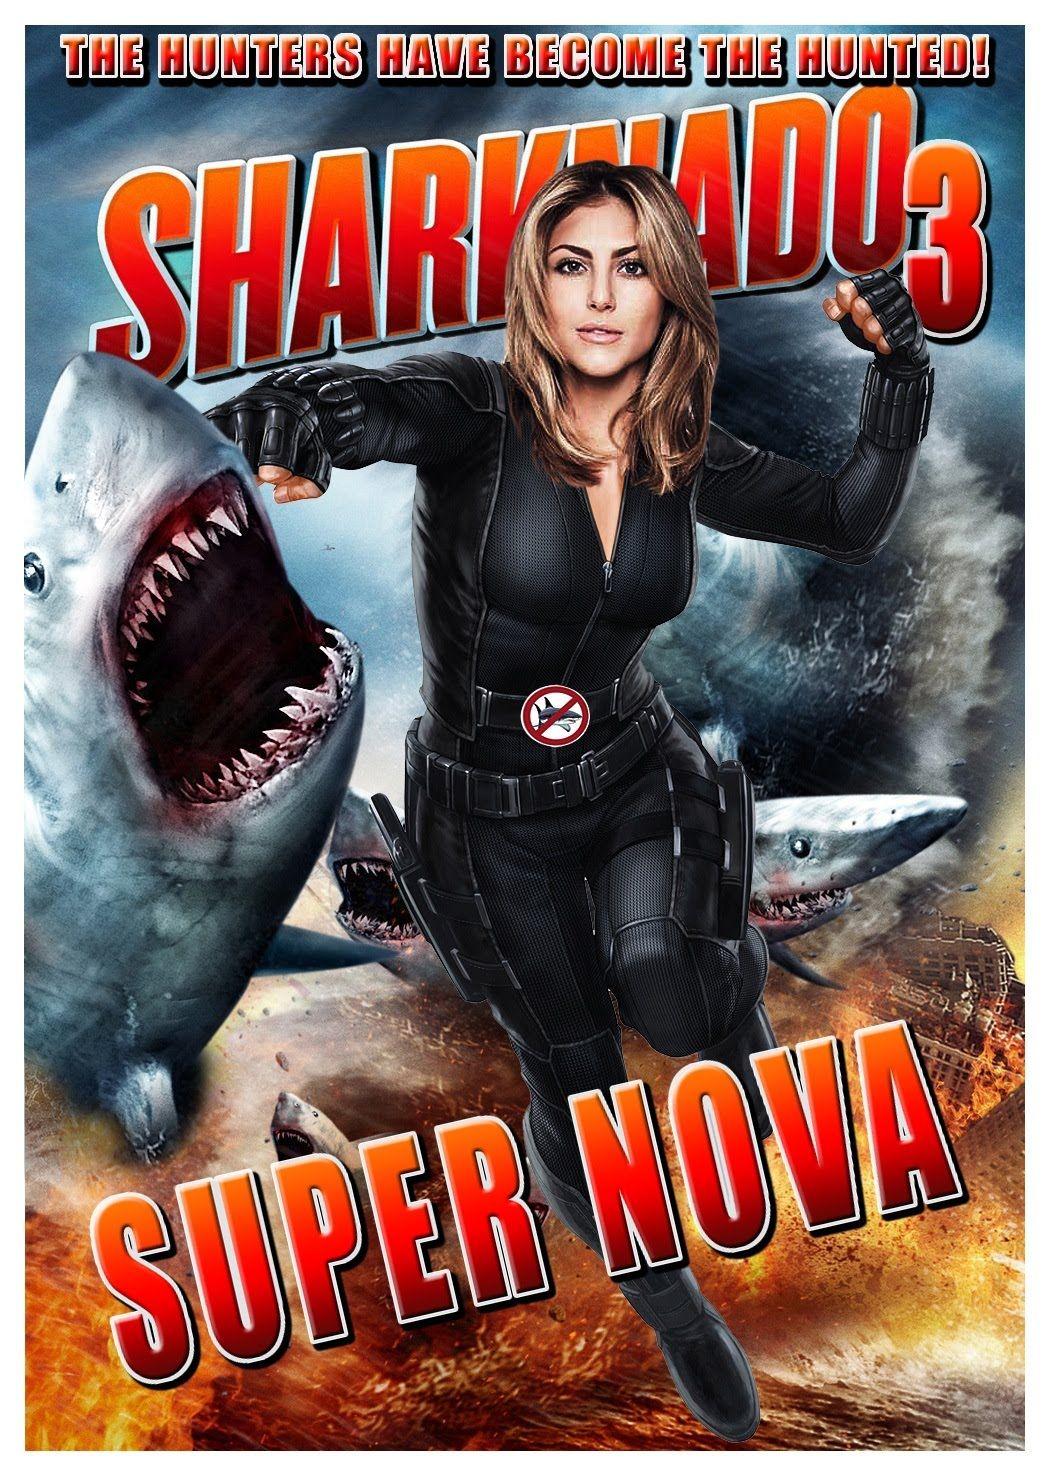 Sharknado3poster2 Jpg 1050 1476